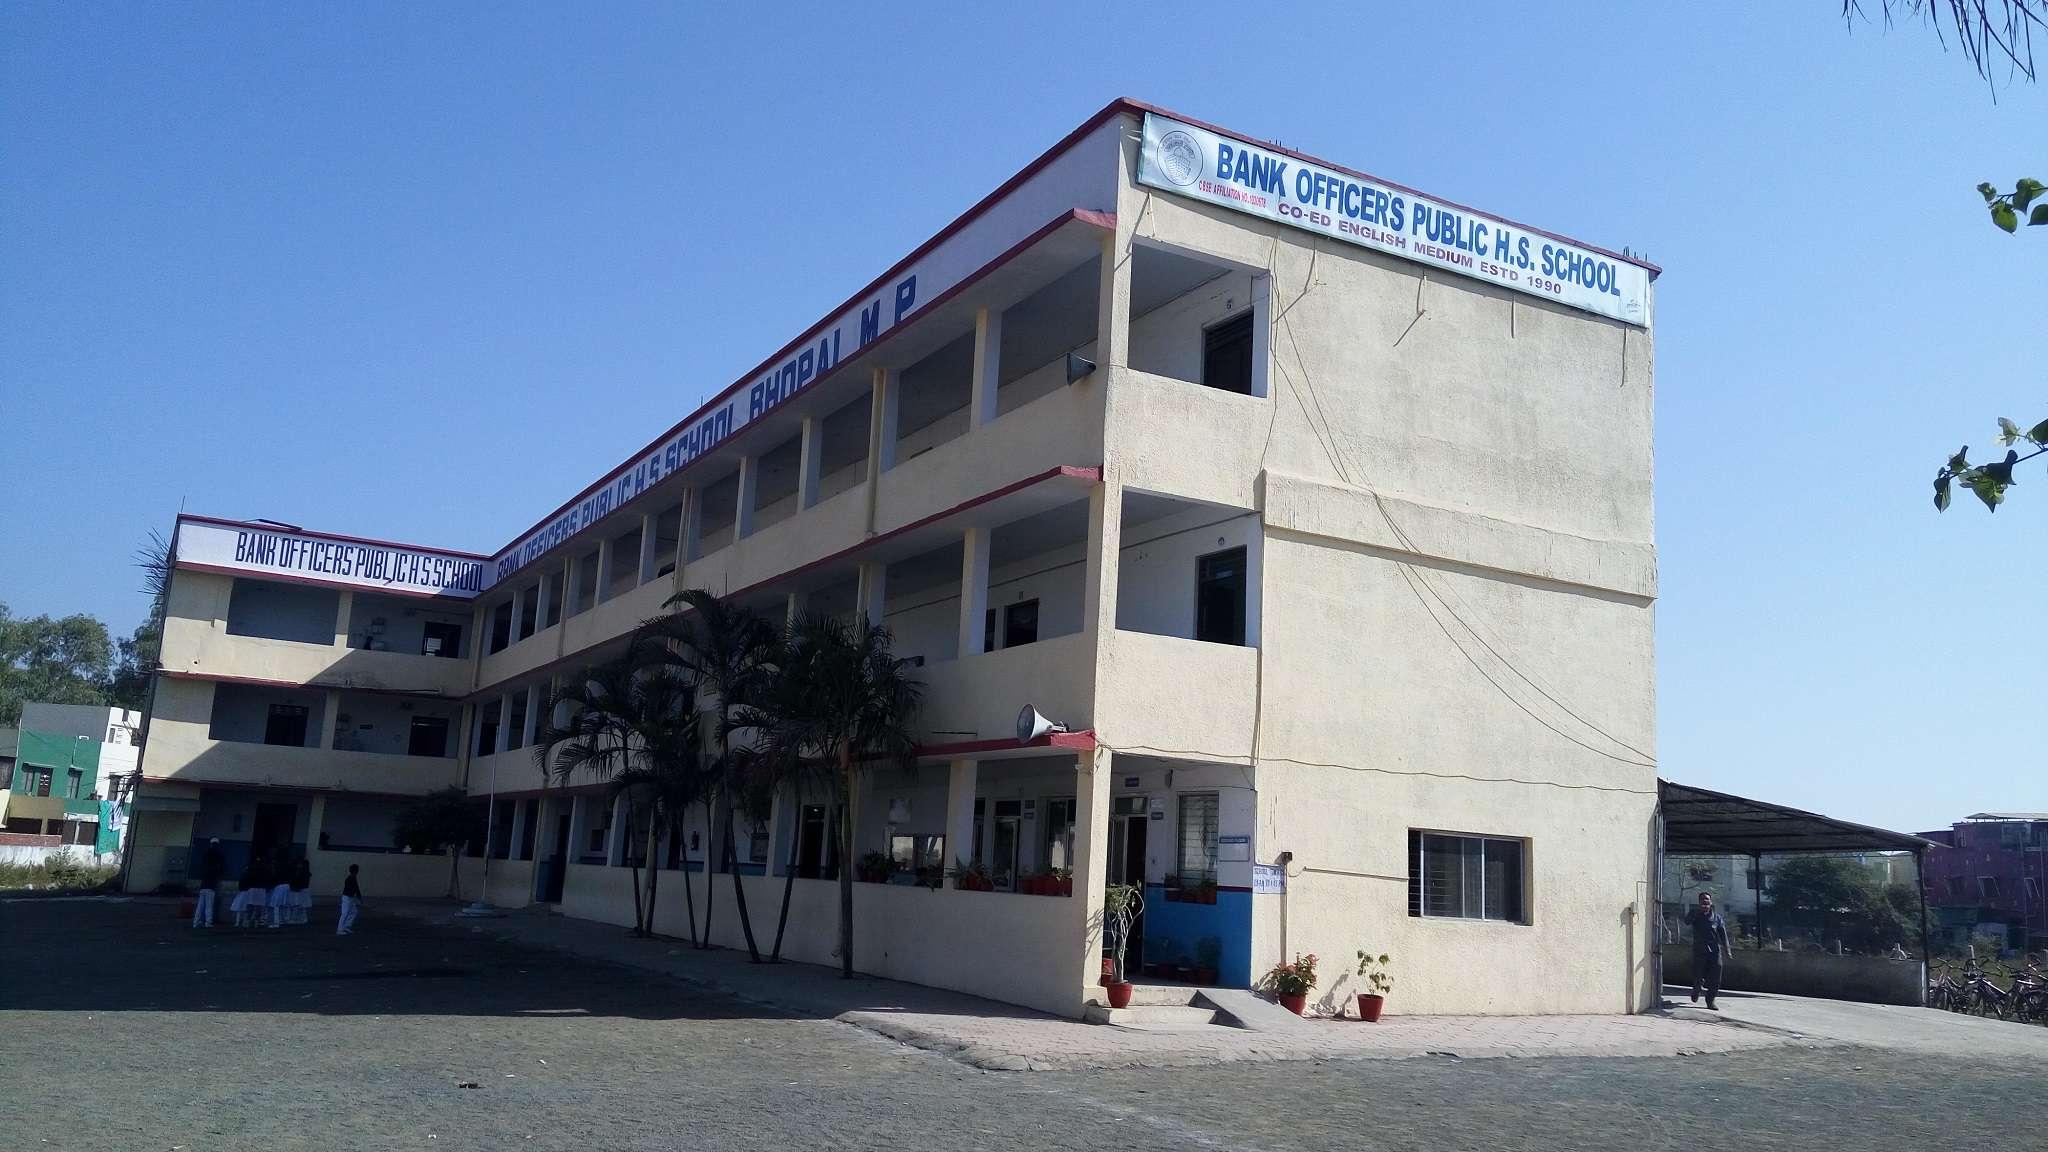 BANK OFFICERS PUBLIC H S SCHOOL BHOPAL MADHYA PRADESH 1030678